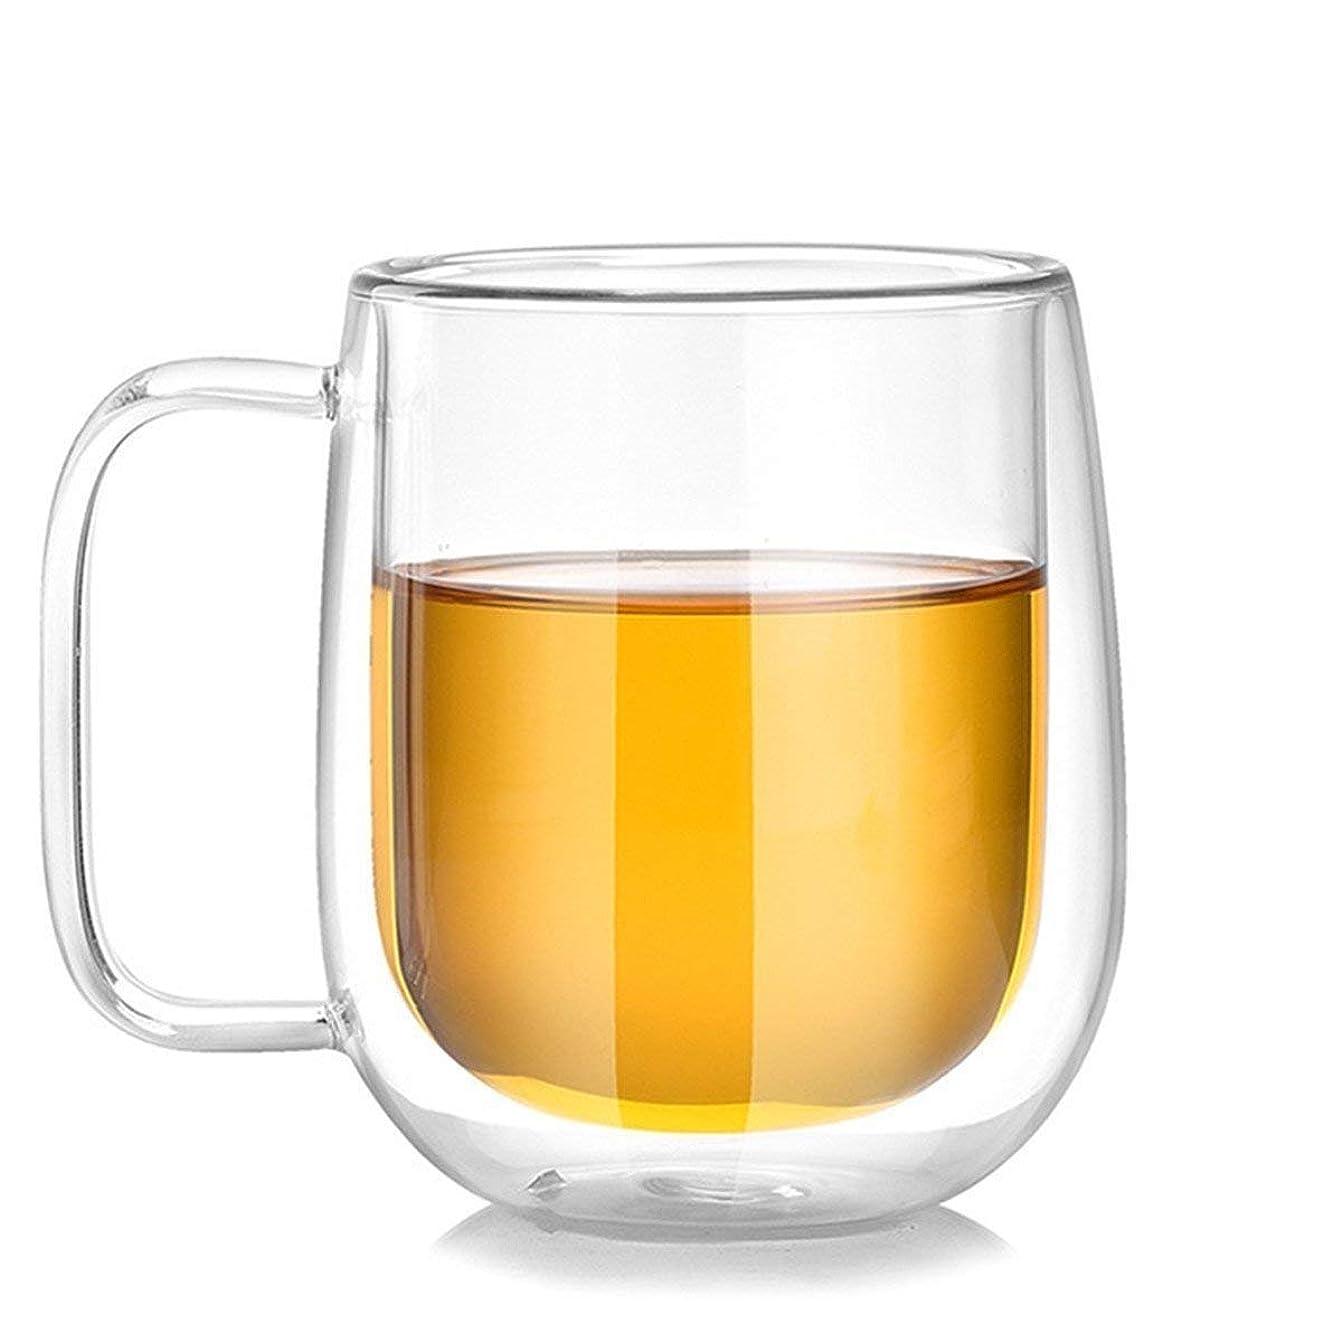 小説家聴く神学校【morningplace】 ダブルウォール グラス マグカップ 二重構造 耐熱 カップ 300ml (1個/)